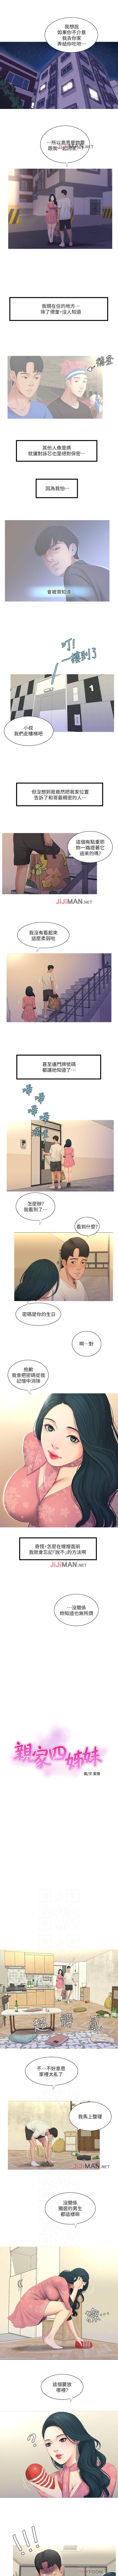 【周四连载】亲家四姐妹(作者:愛摸) 第1~31话 26